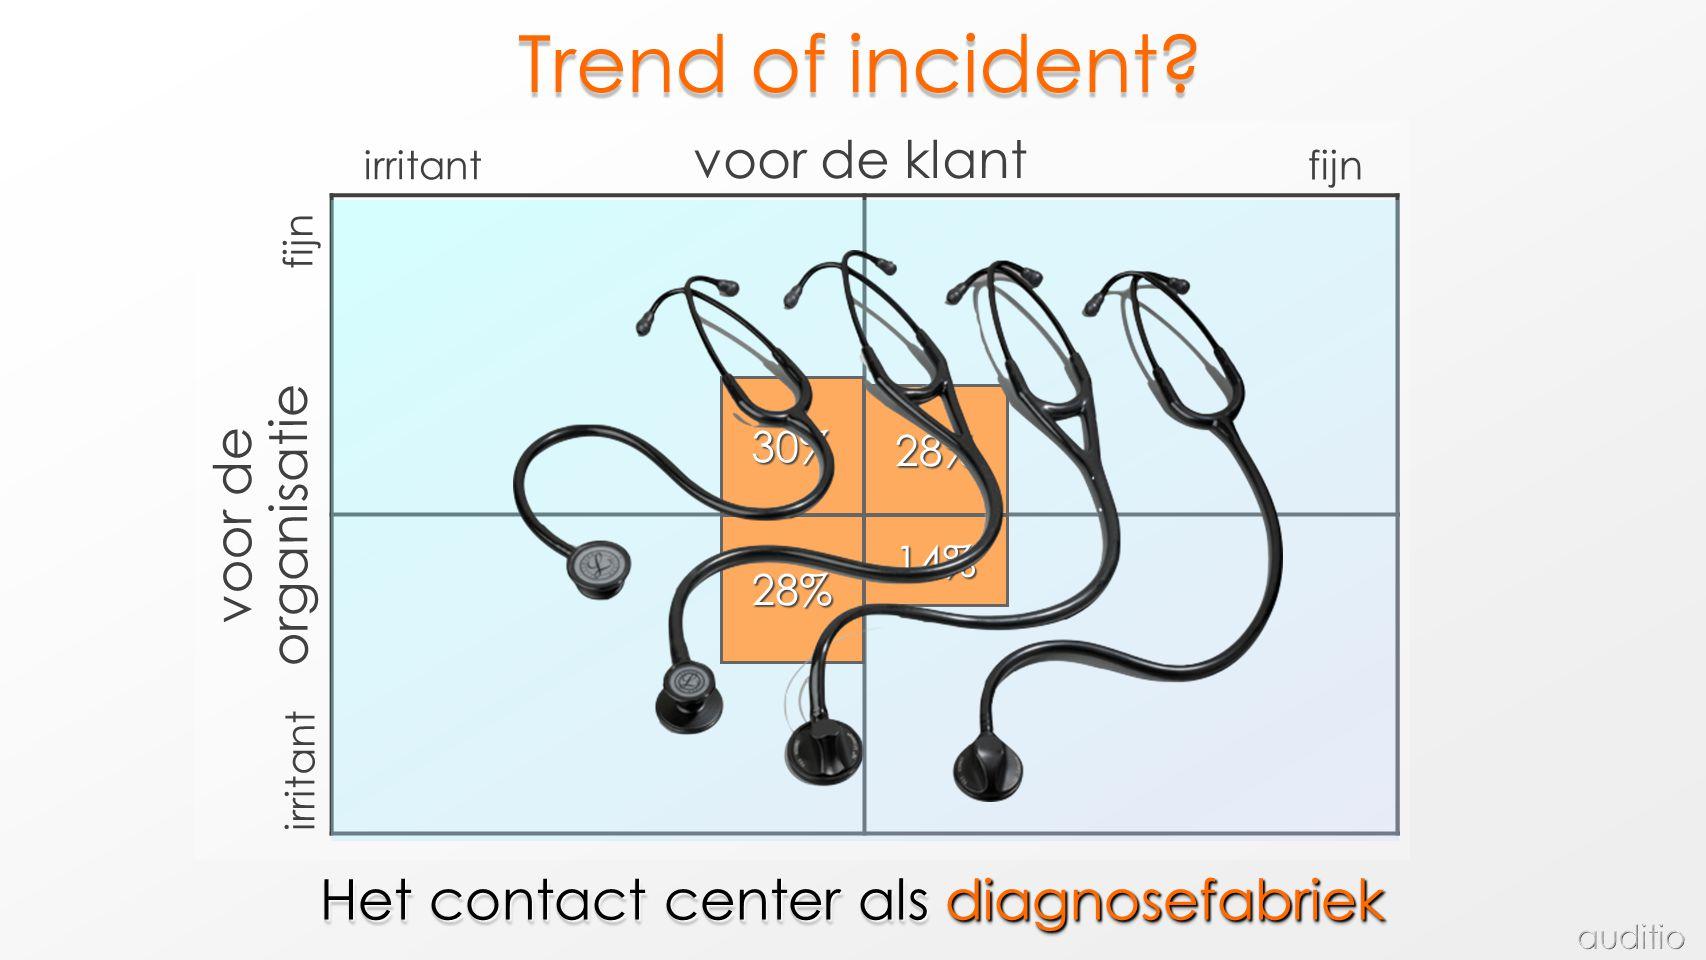 Het contact center als diagnosefabriek